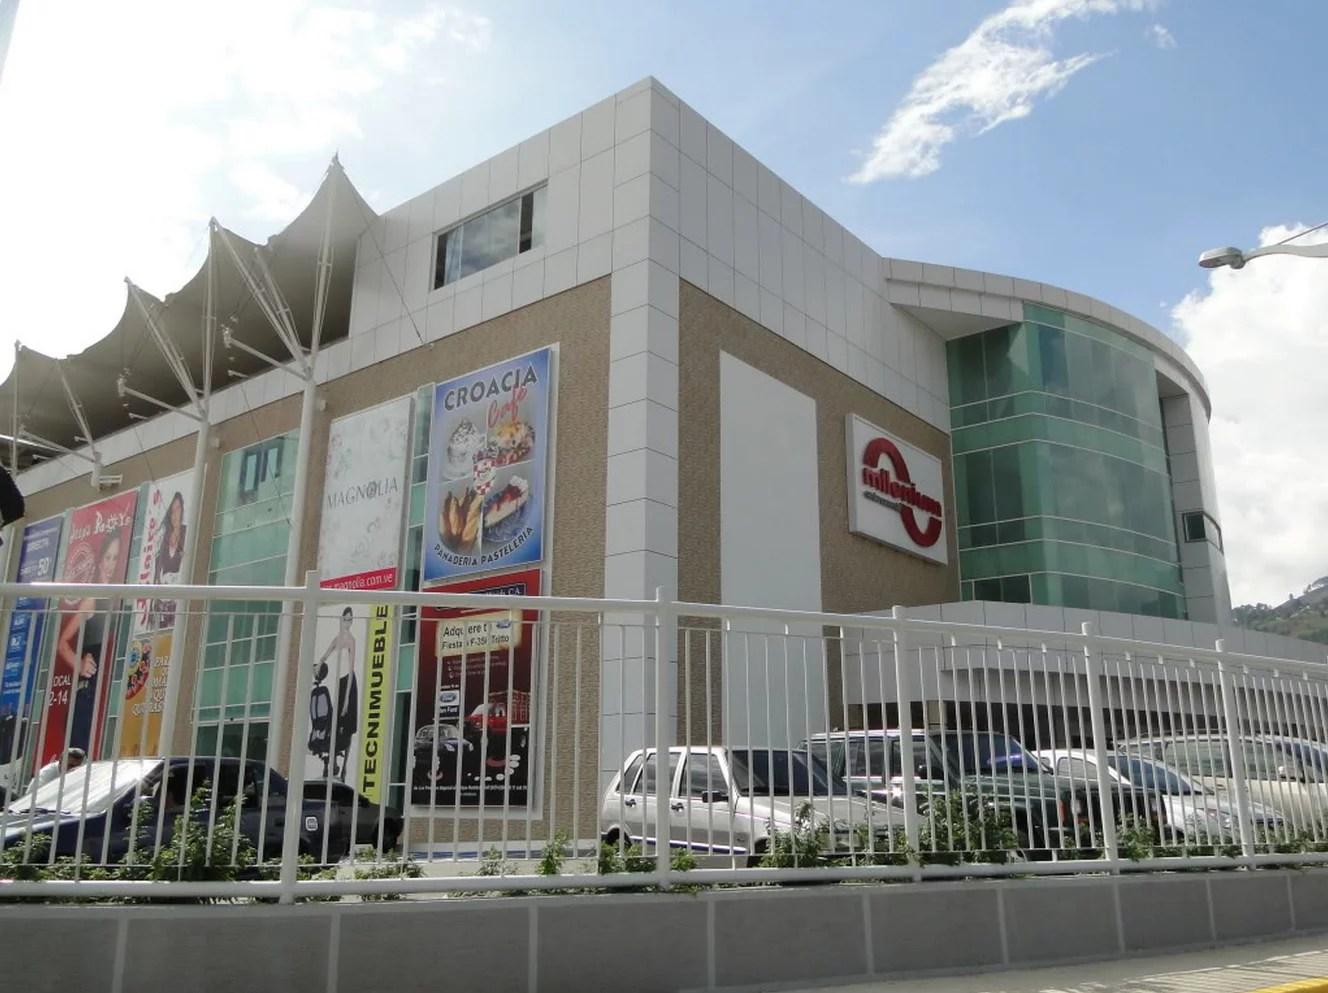 Centro comercial venezolano añade Dash para pagos de estacionamiento y supera los pagos tradicionales